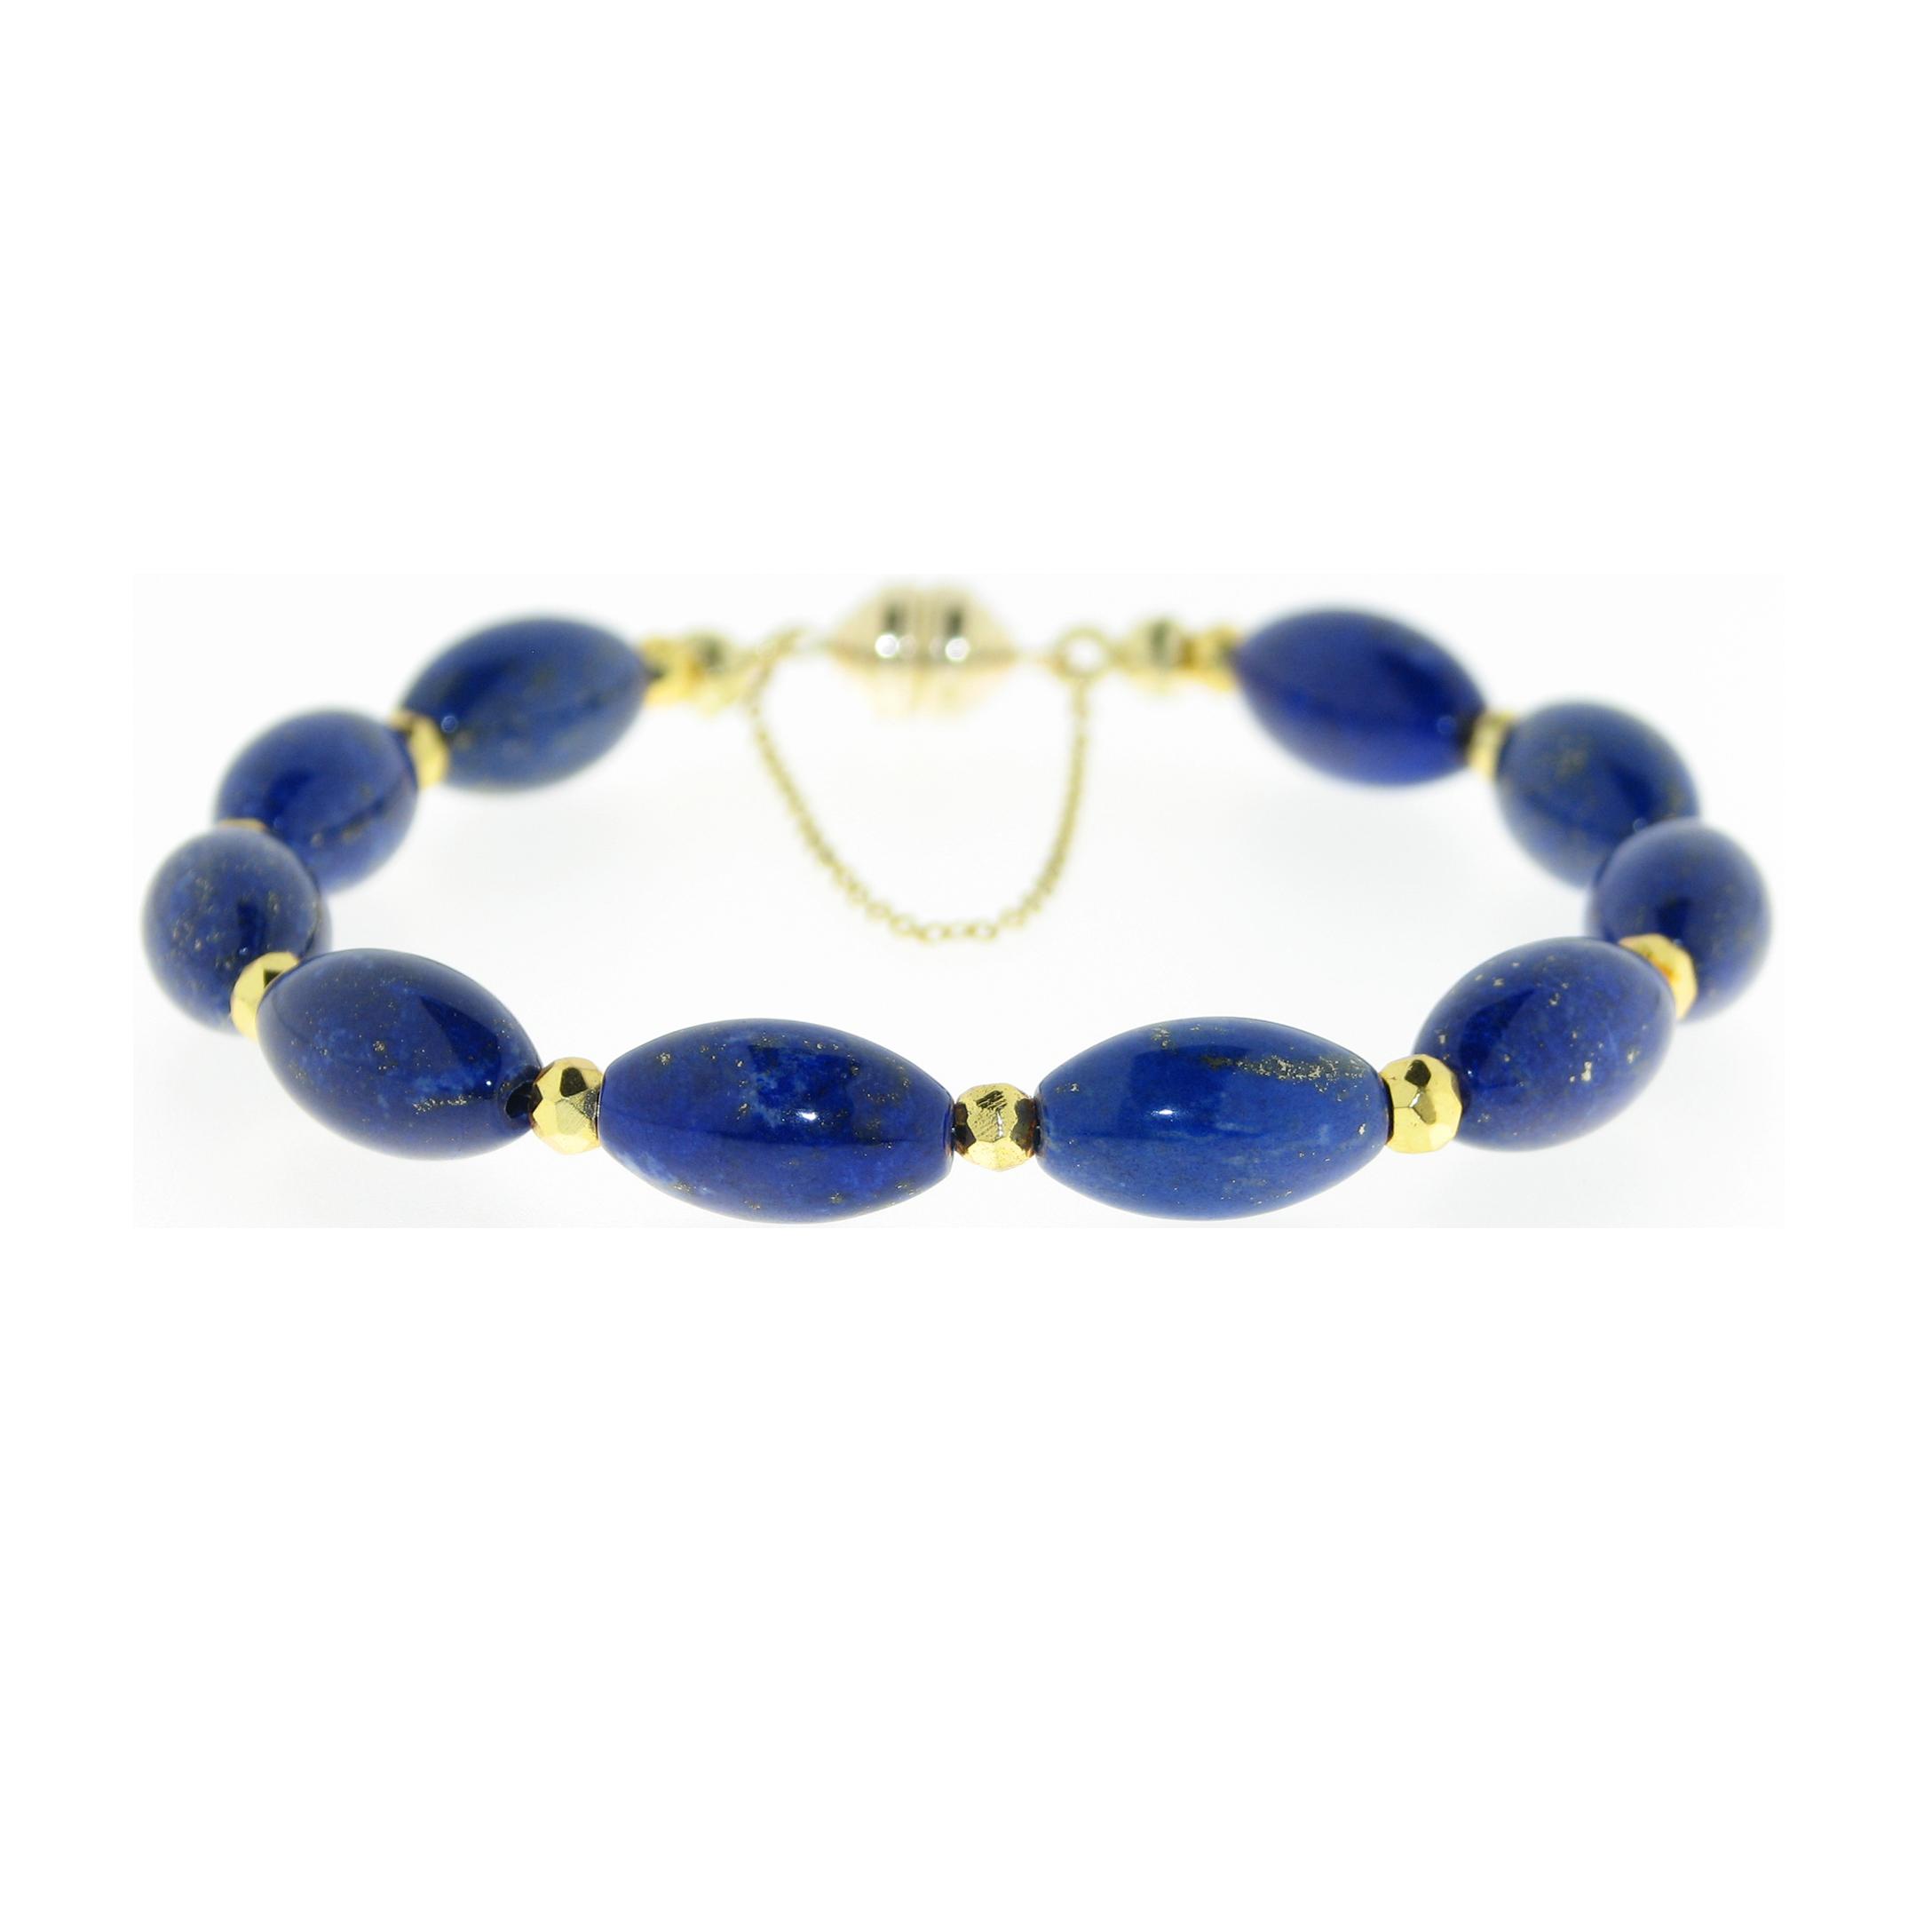 Armband mit glatten Lapis Lazuli Oliven und  goldcoated Pyrit Rondellen mit Magnetverschluss